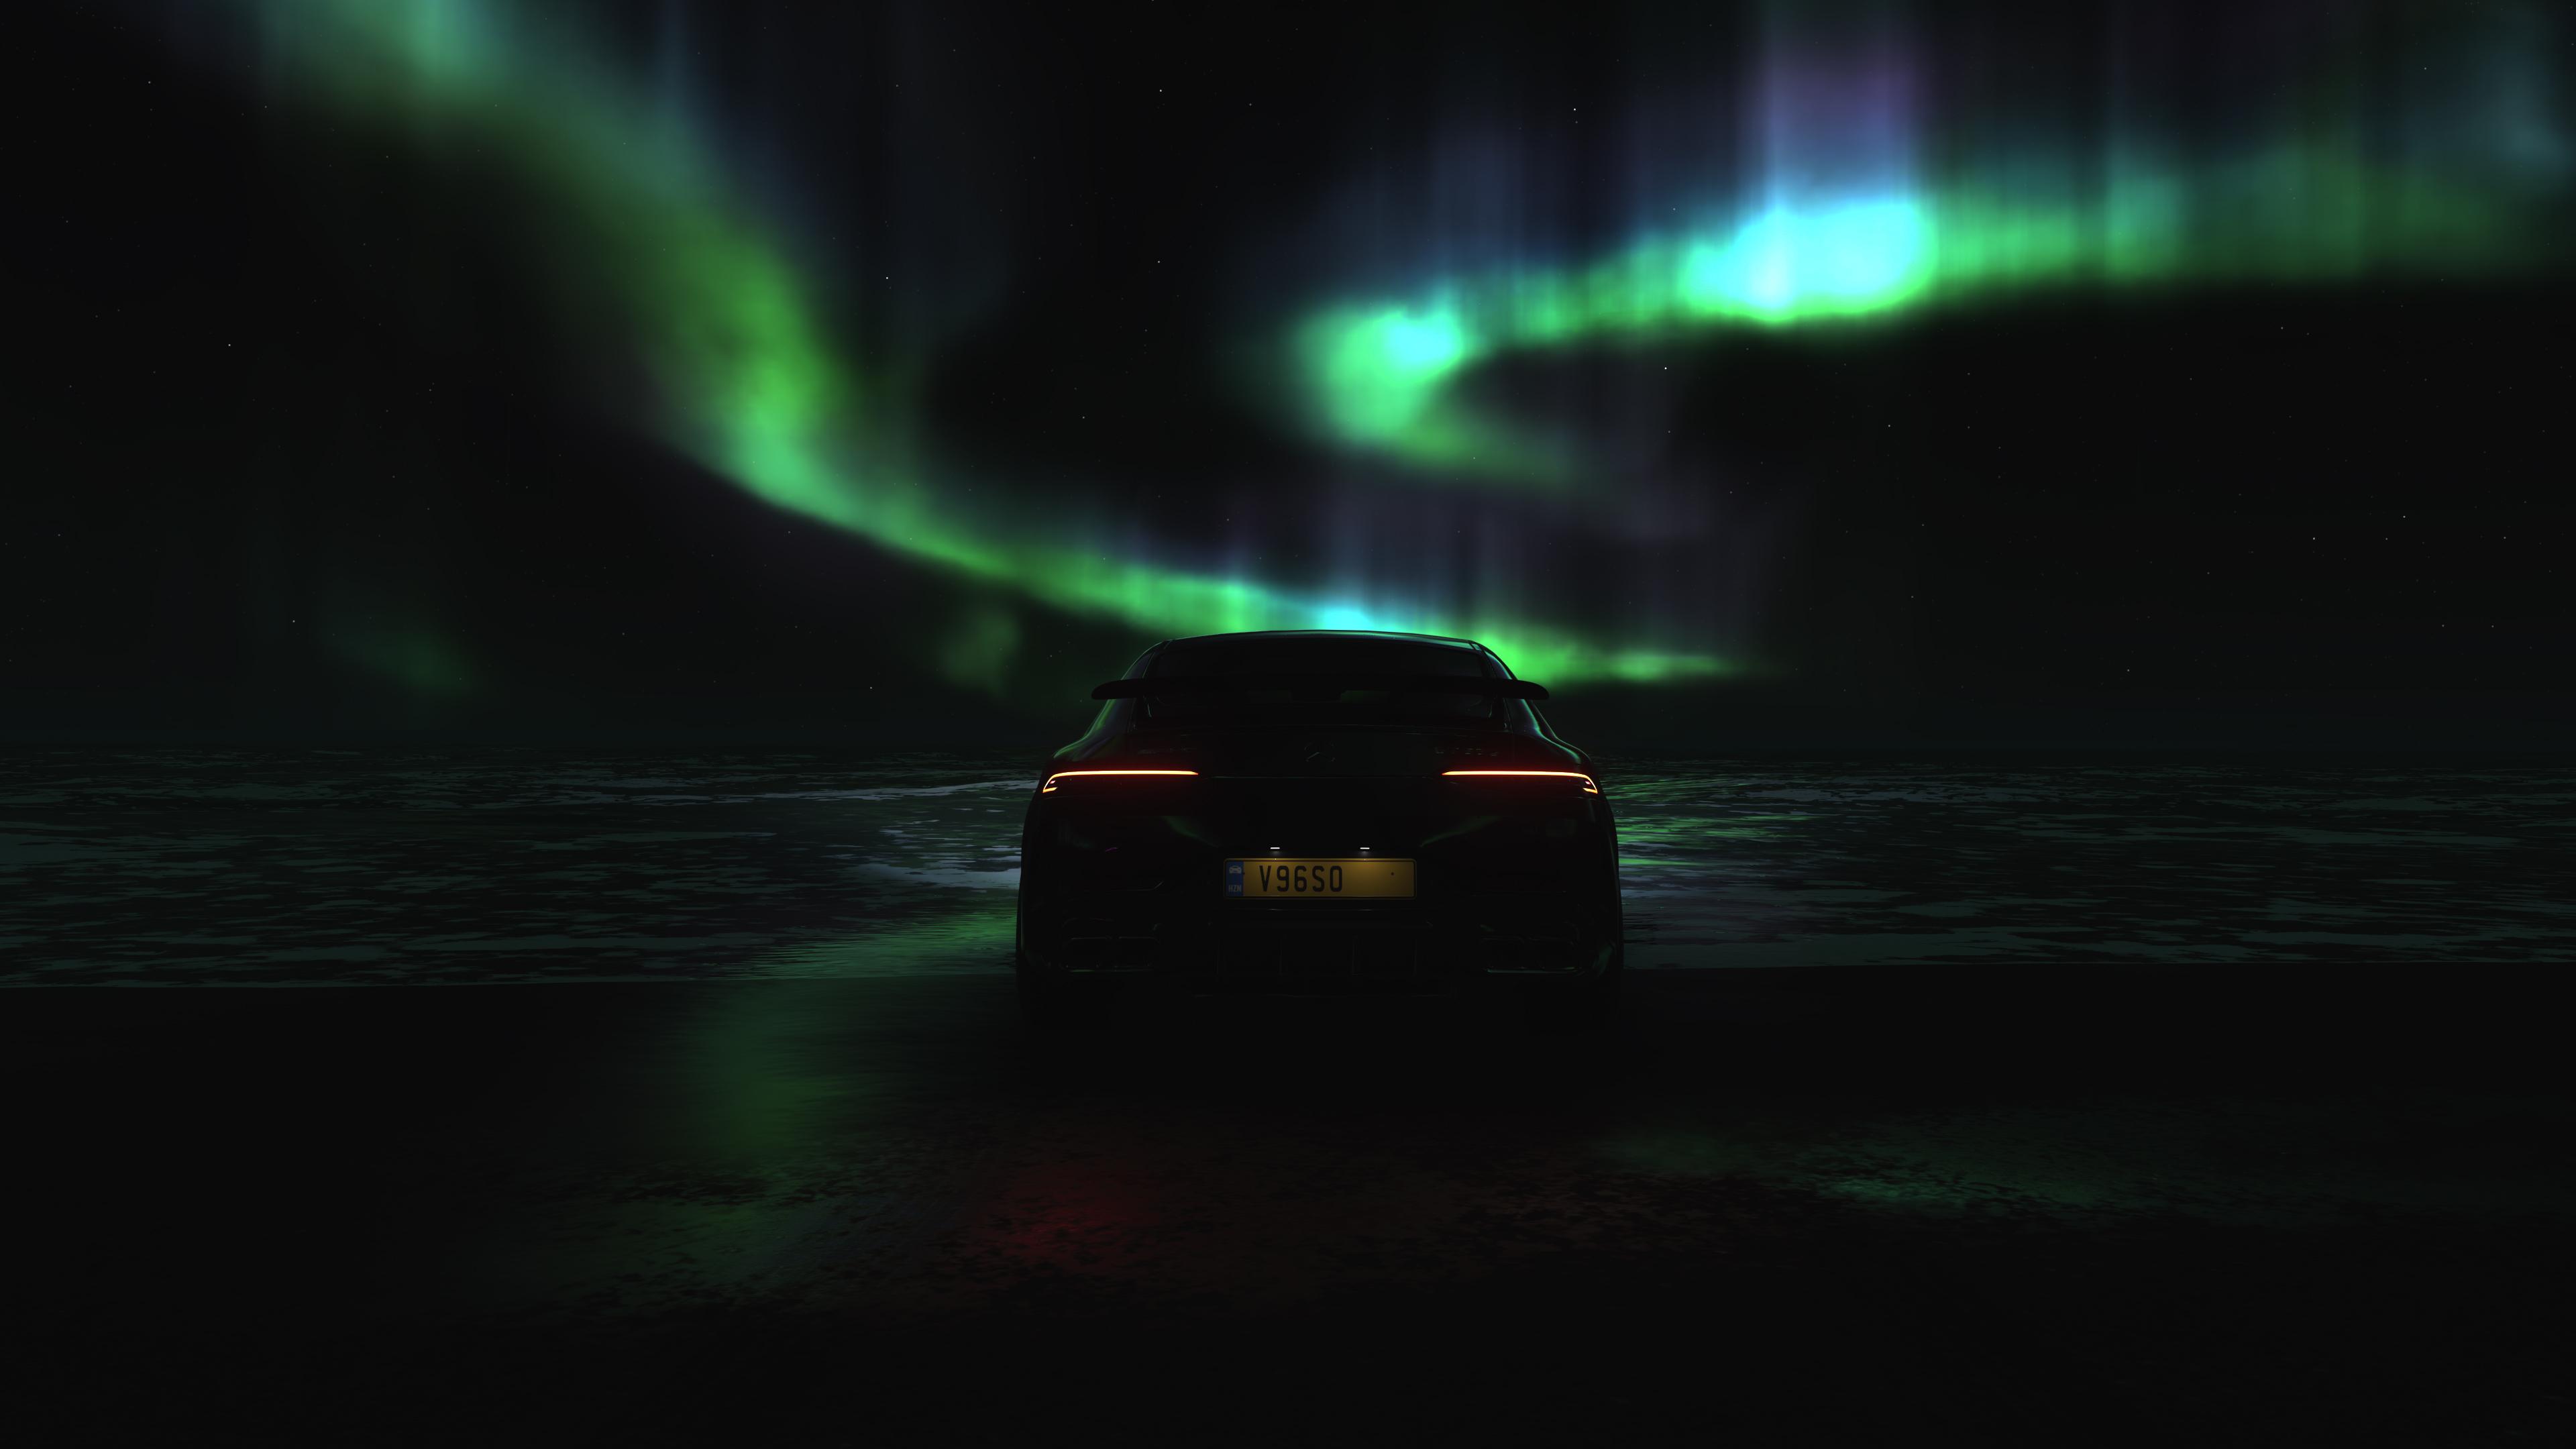 forza horizon 4 mercedes amg gt 64s 4k 1598657562 - Forza Horizon 4 Mercedes Amg Gt 64s 4k -